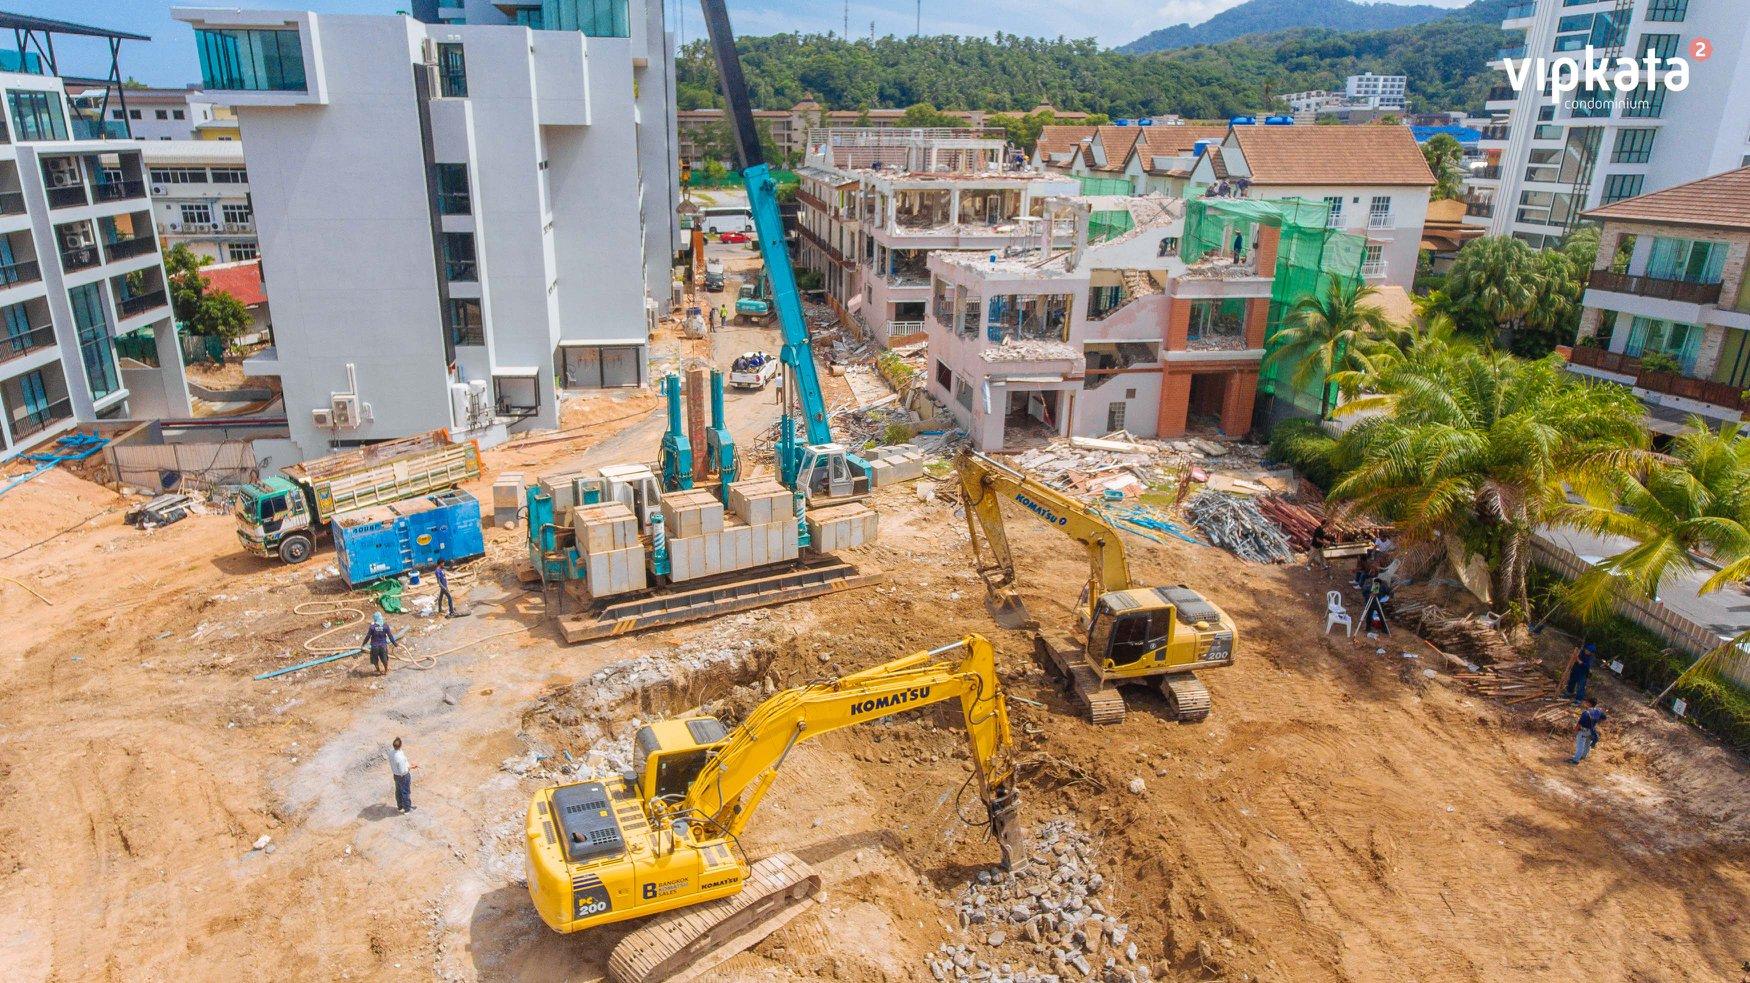 начало строительства ВИП КАТА кондоминиум